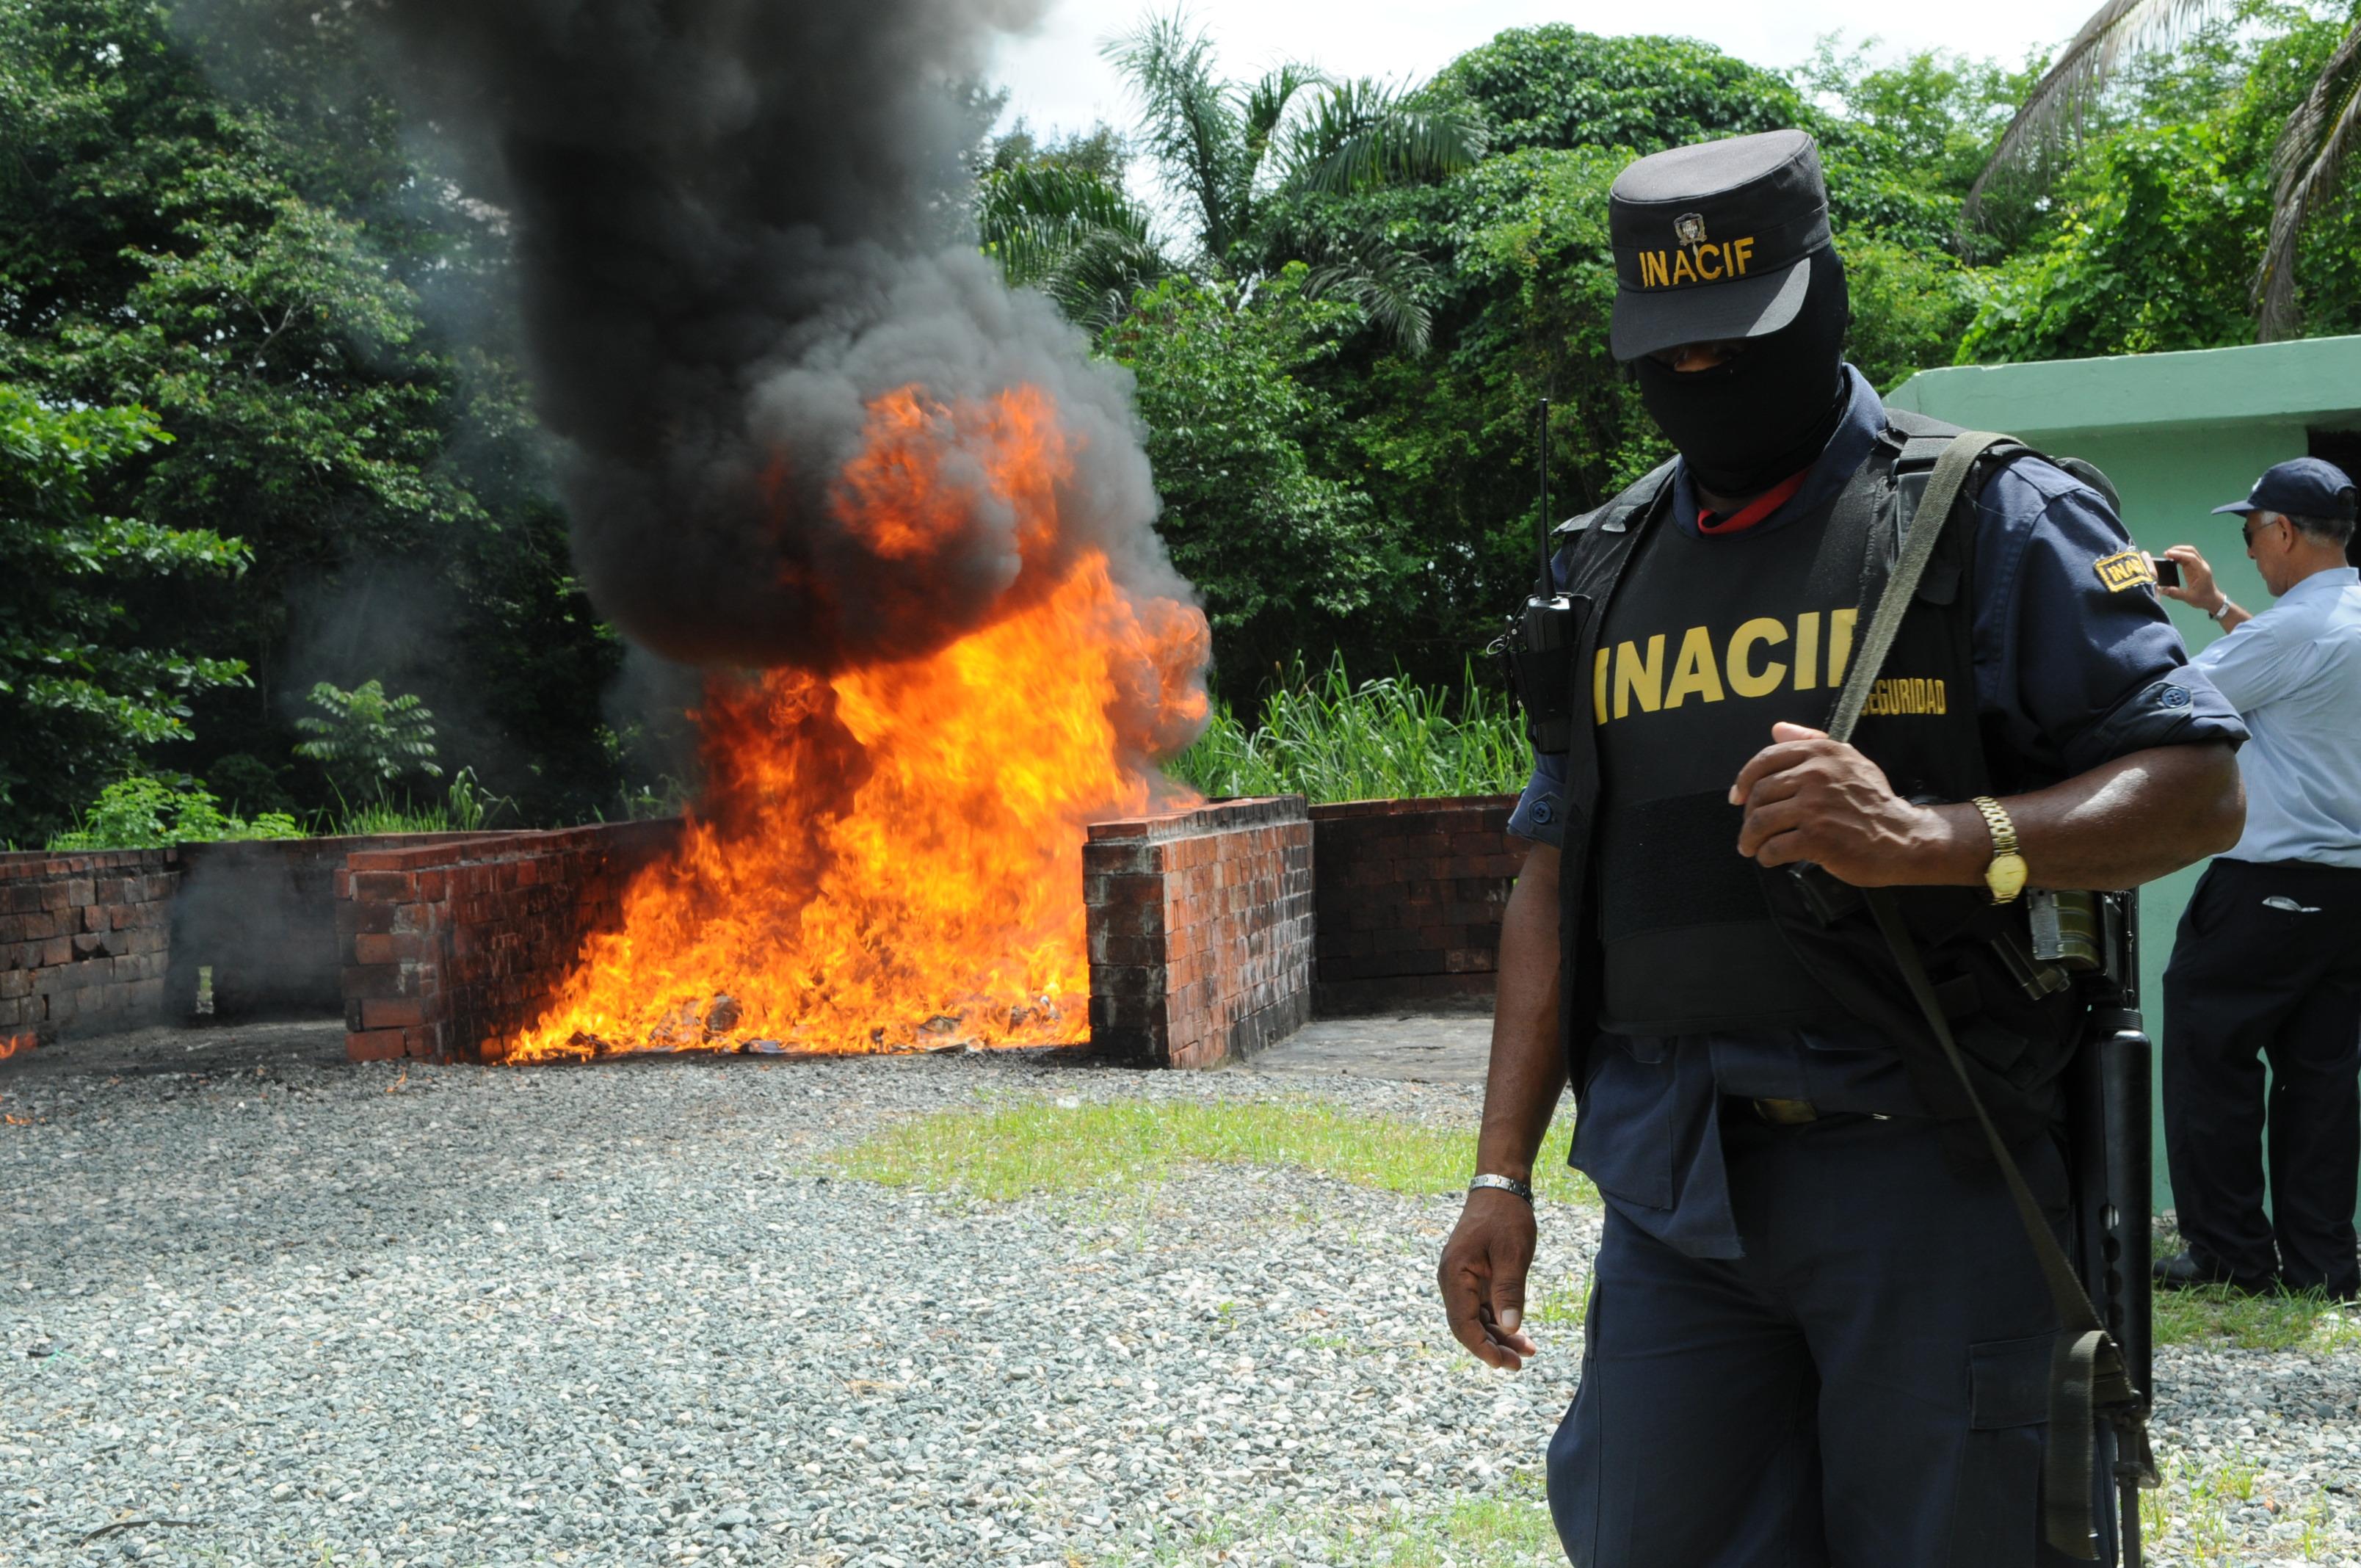 Resultado de imagen para incinera dncd